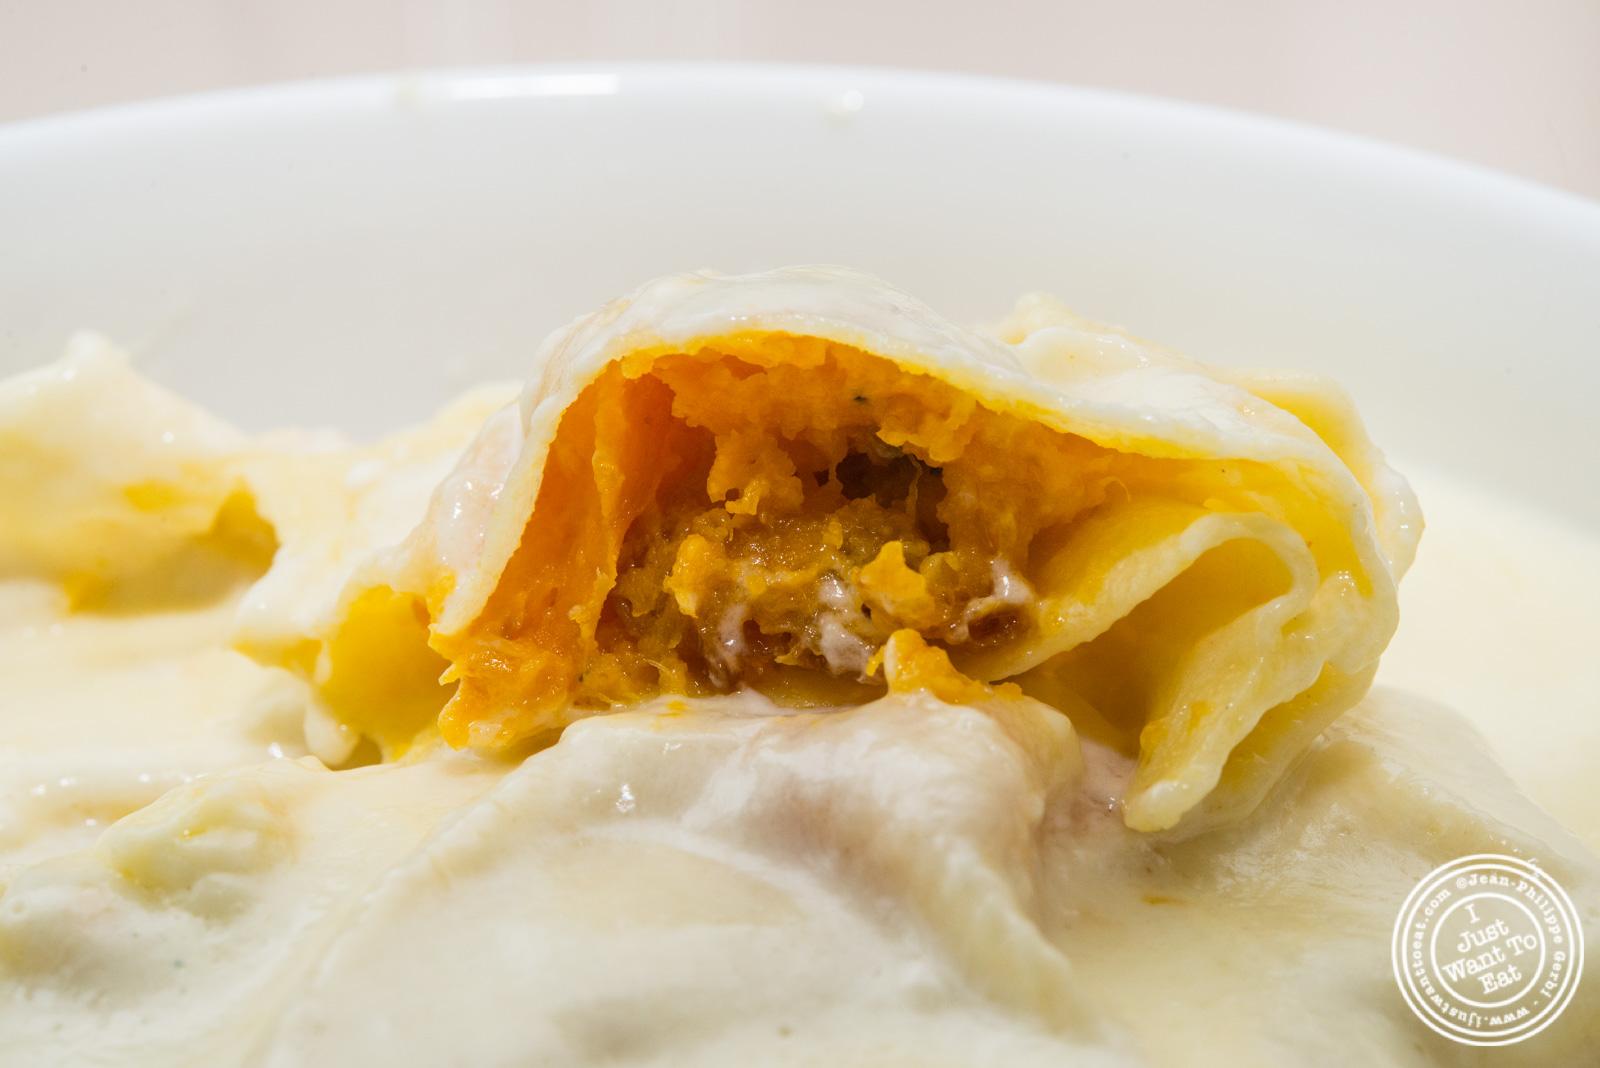 Butternut Squash Ravioli With Taleggio Cream